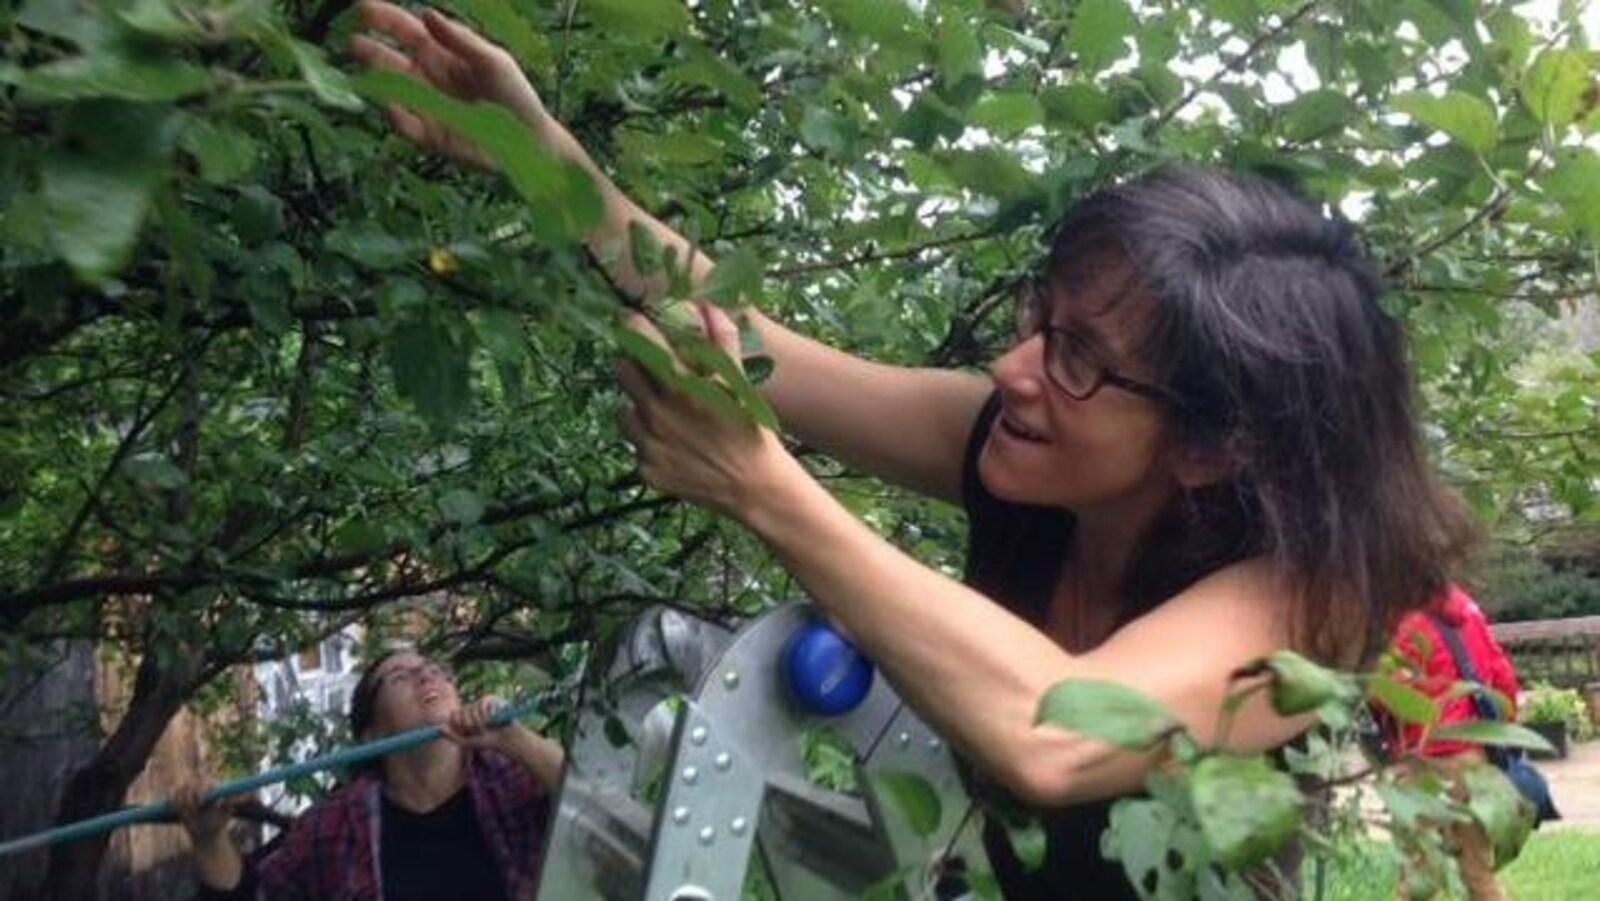 Une femme sur une échelle en train d'entretenir un arbre.